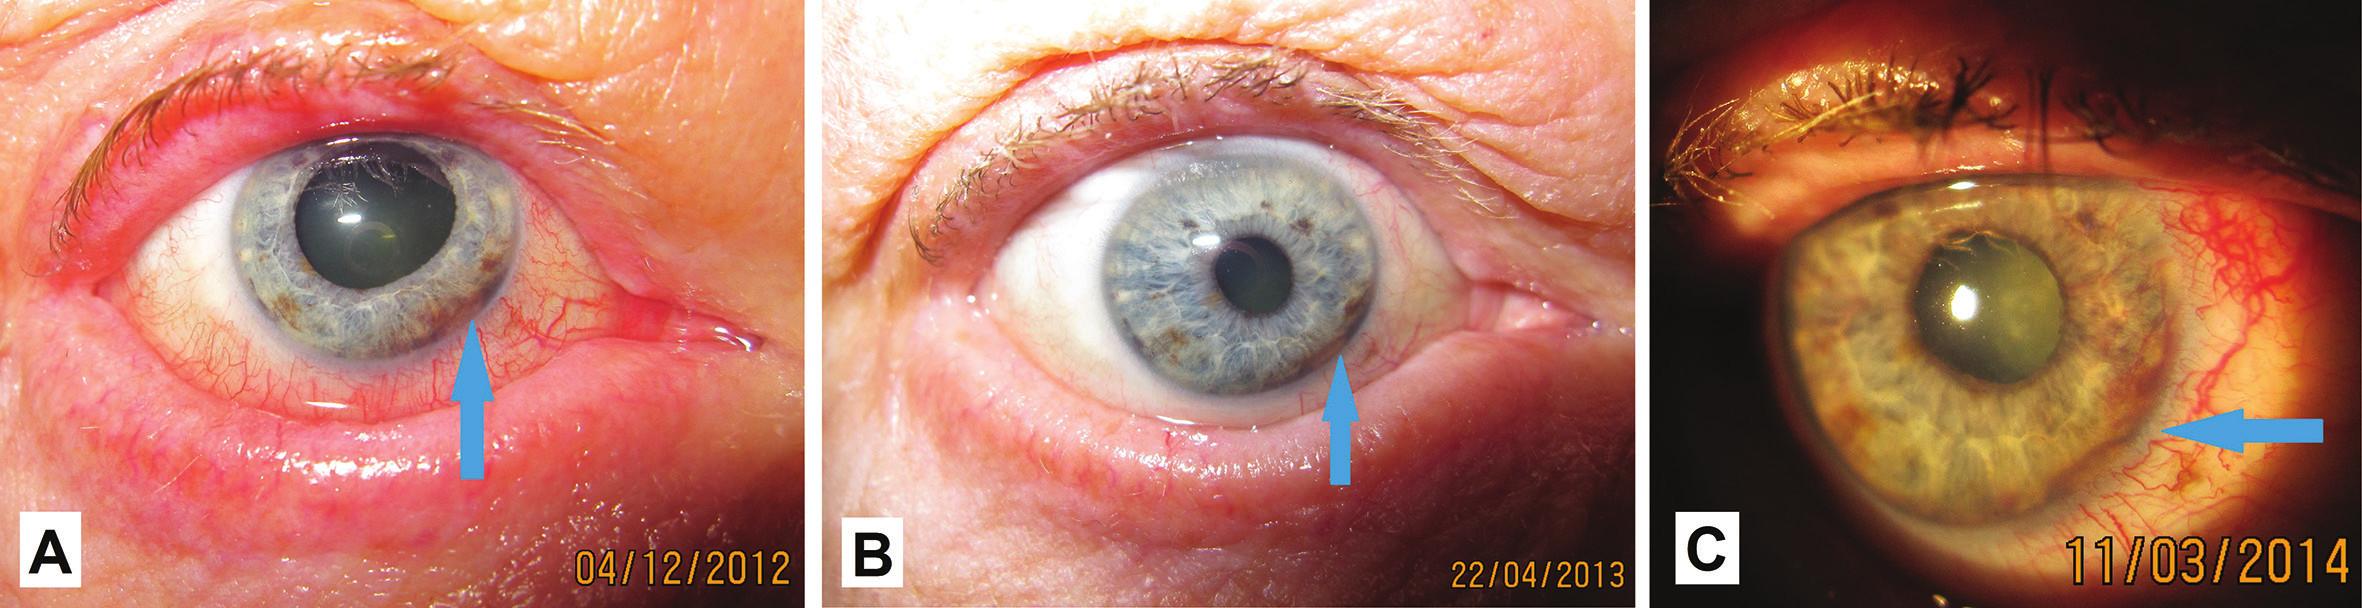 Makrofoto predného segmentu oka u pacienta v r. 2012 (A), v r. 2013 (B) a v r. 2014 (C)